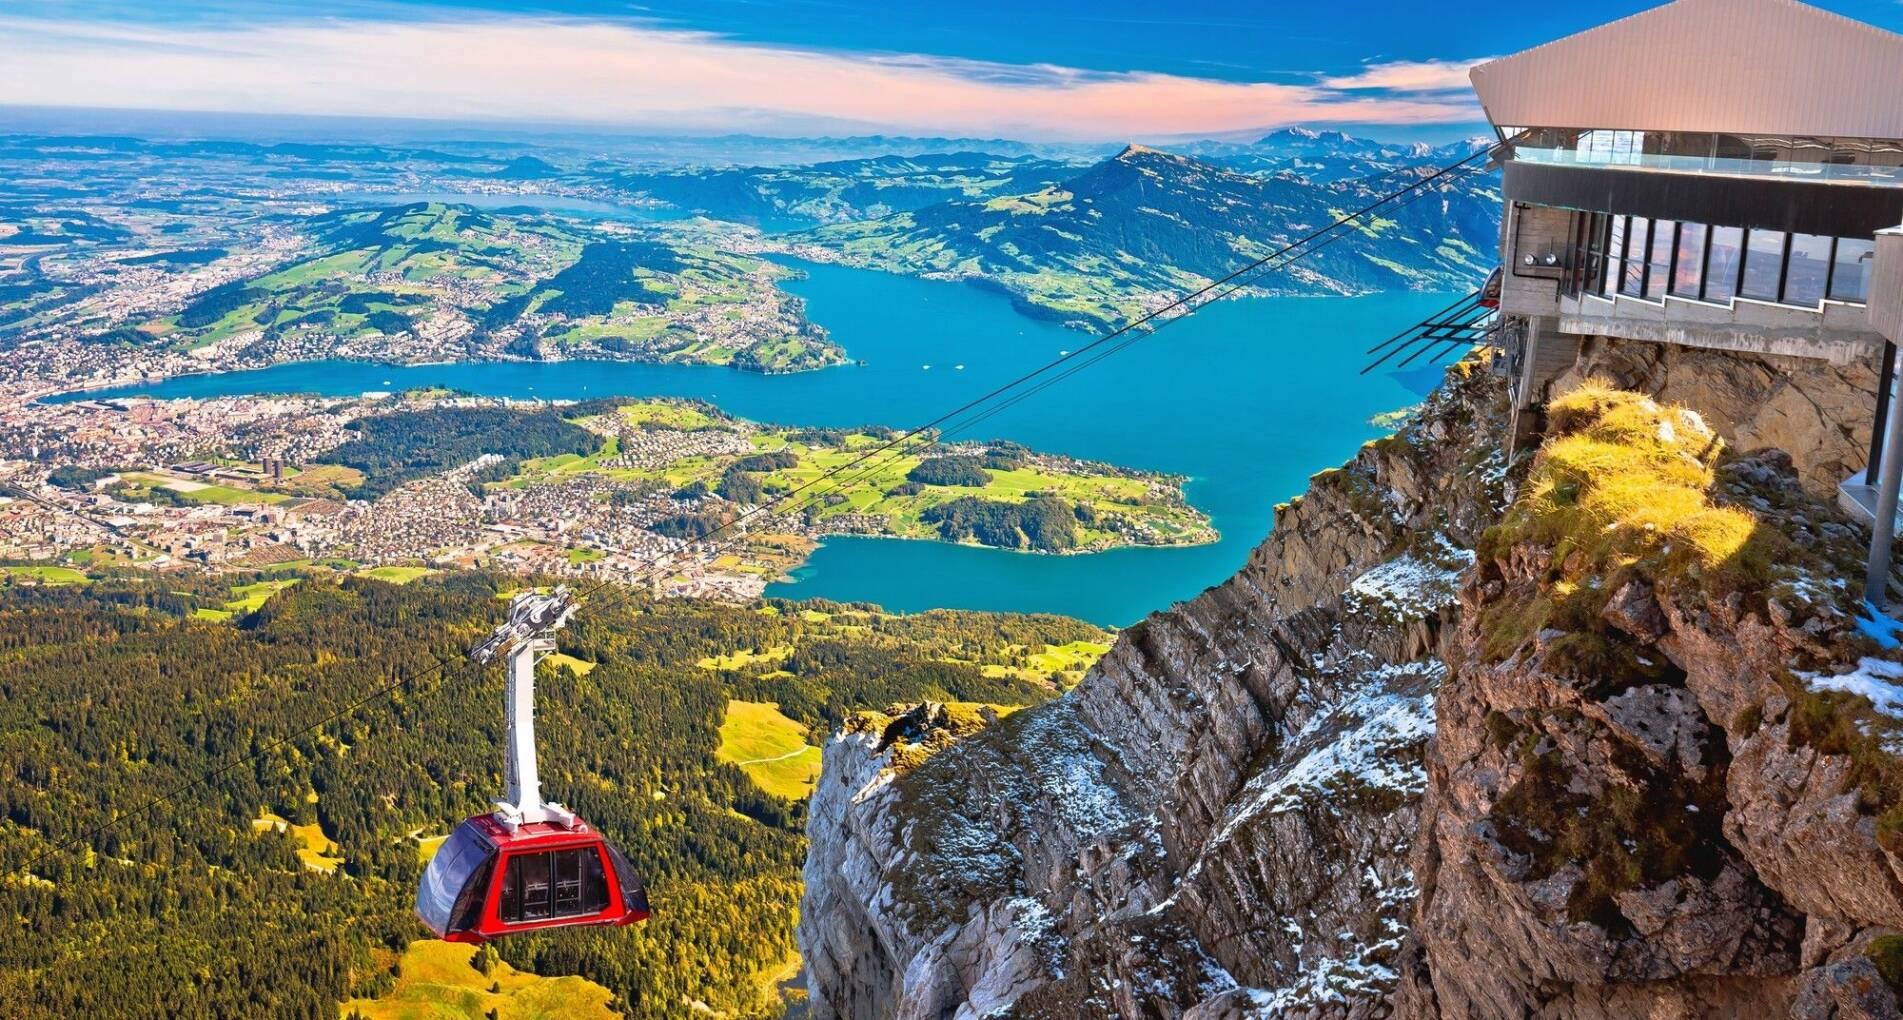 15-daagse Vierlandencruise naar Basel in Zwitserland, Berg- en Dalvaart - Duitsland - 1